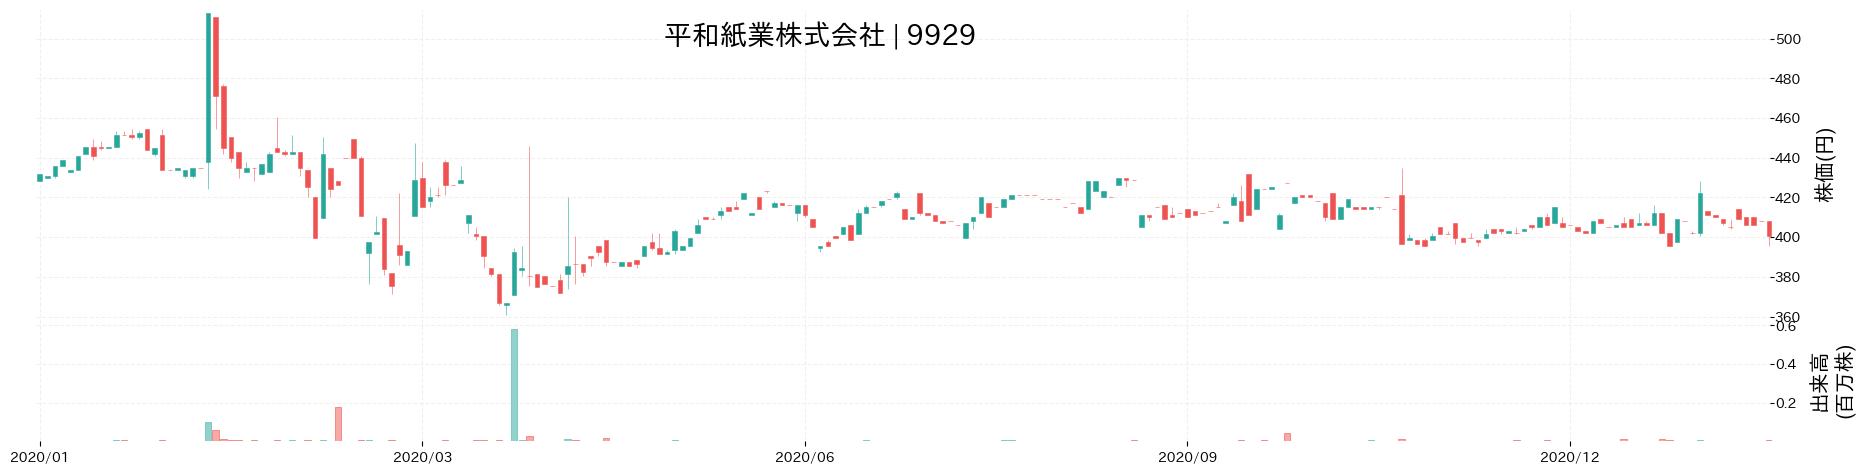 平和紙業株式会社の株価推移(2020)